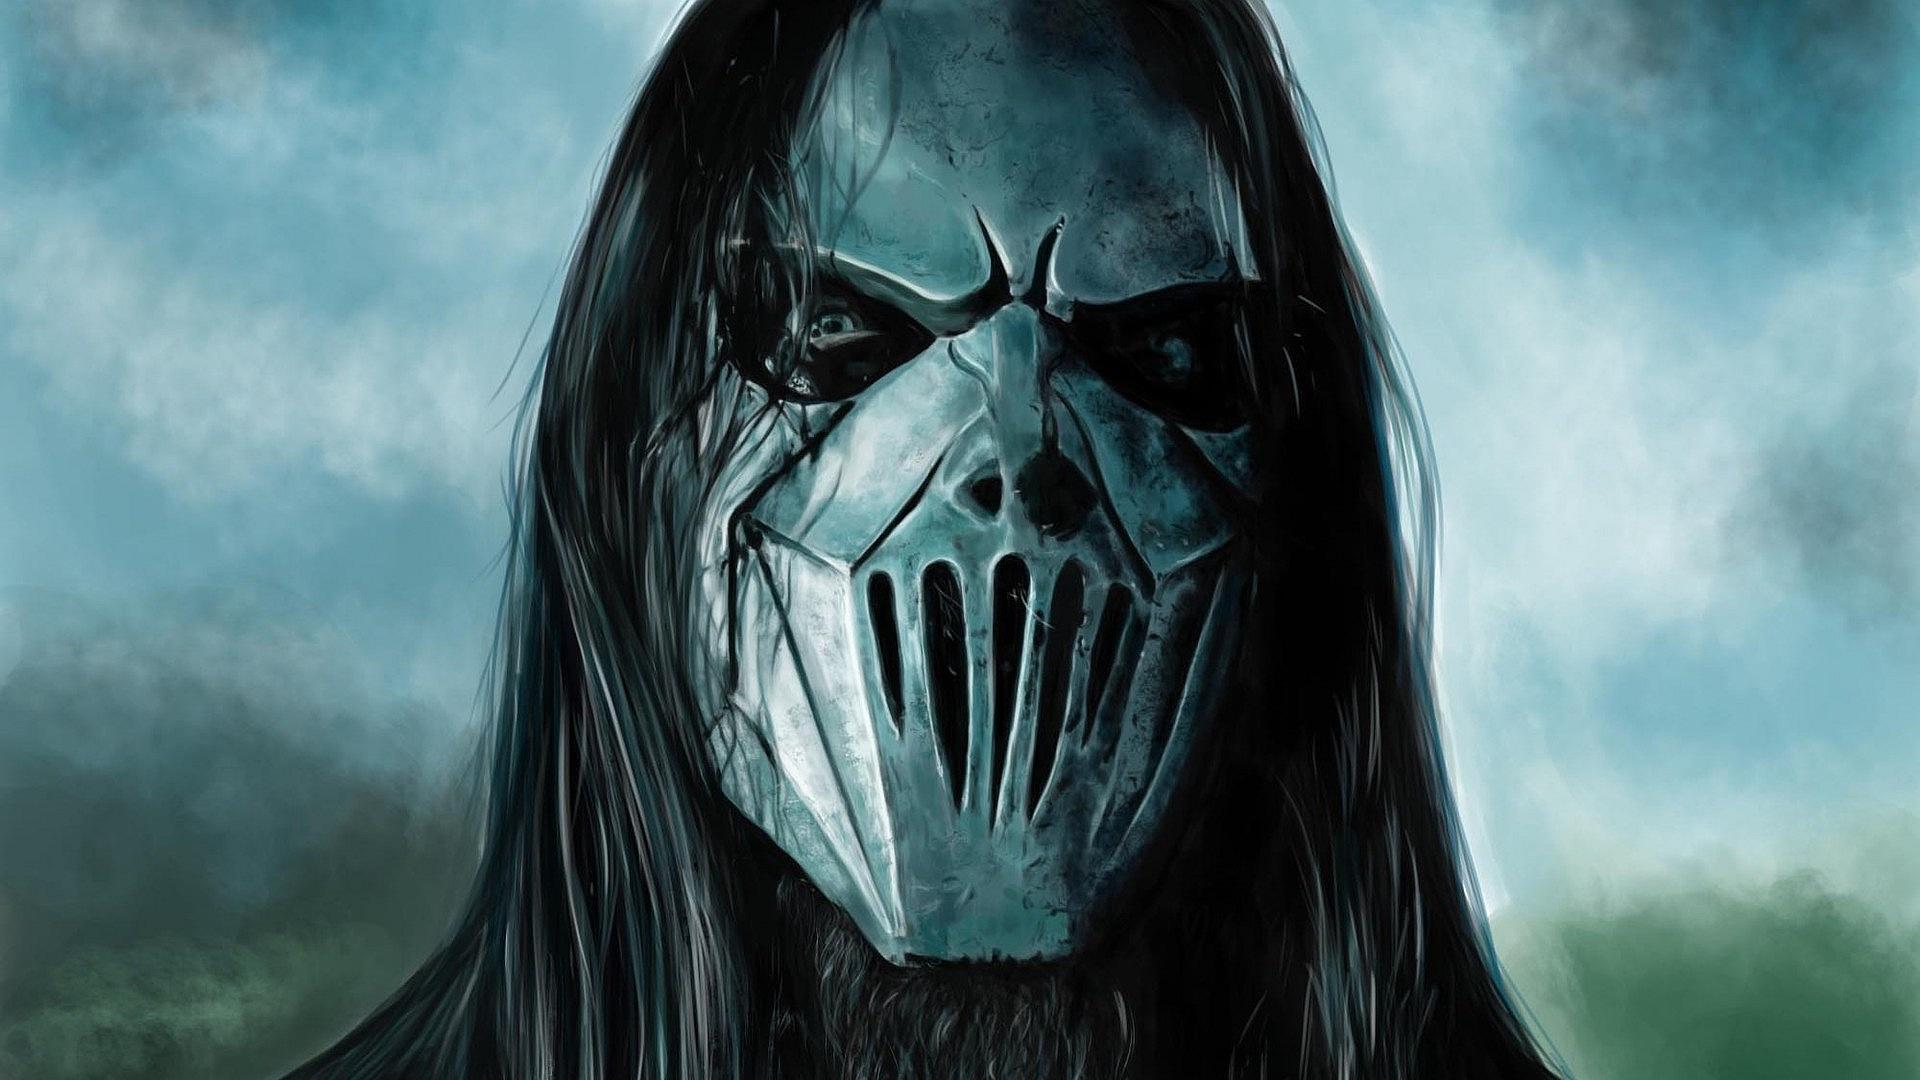 Mick Thompson de Slipknot - 1920x1080